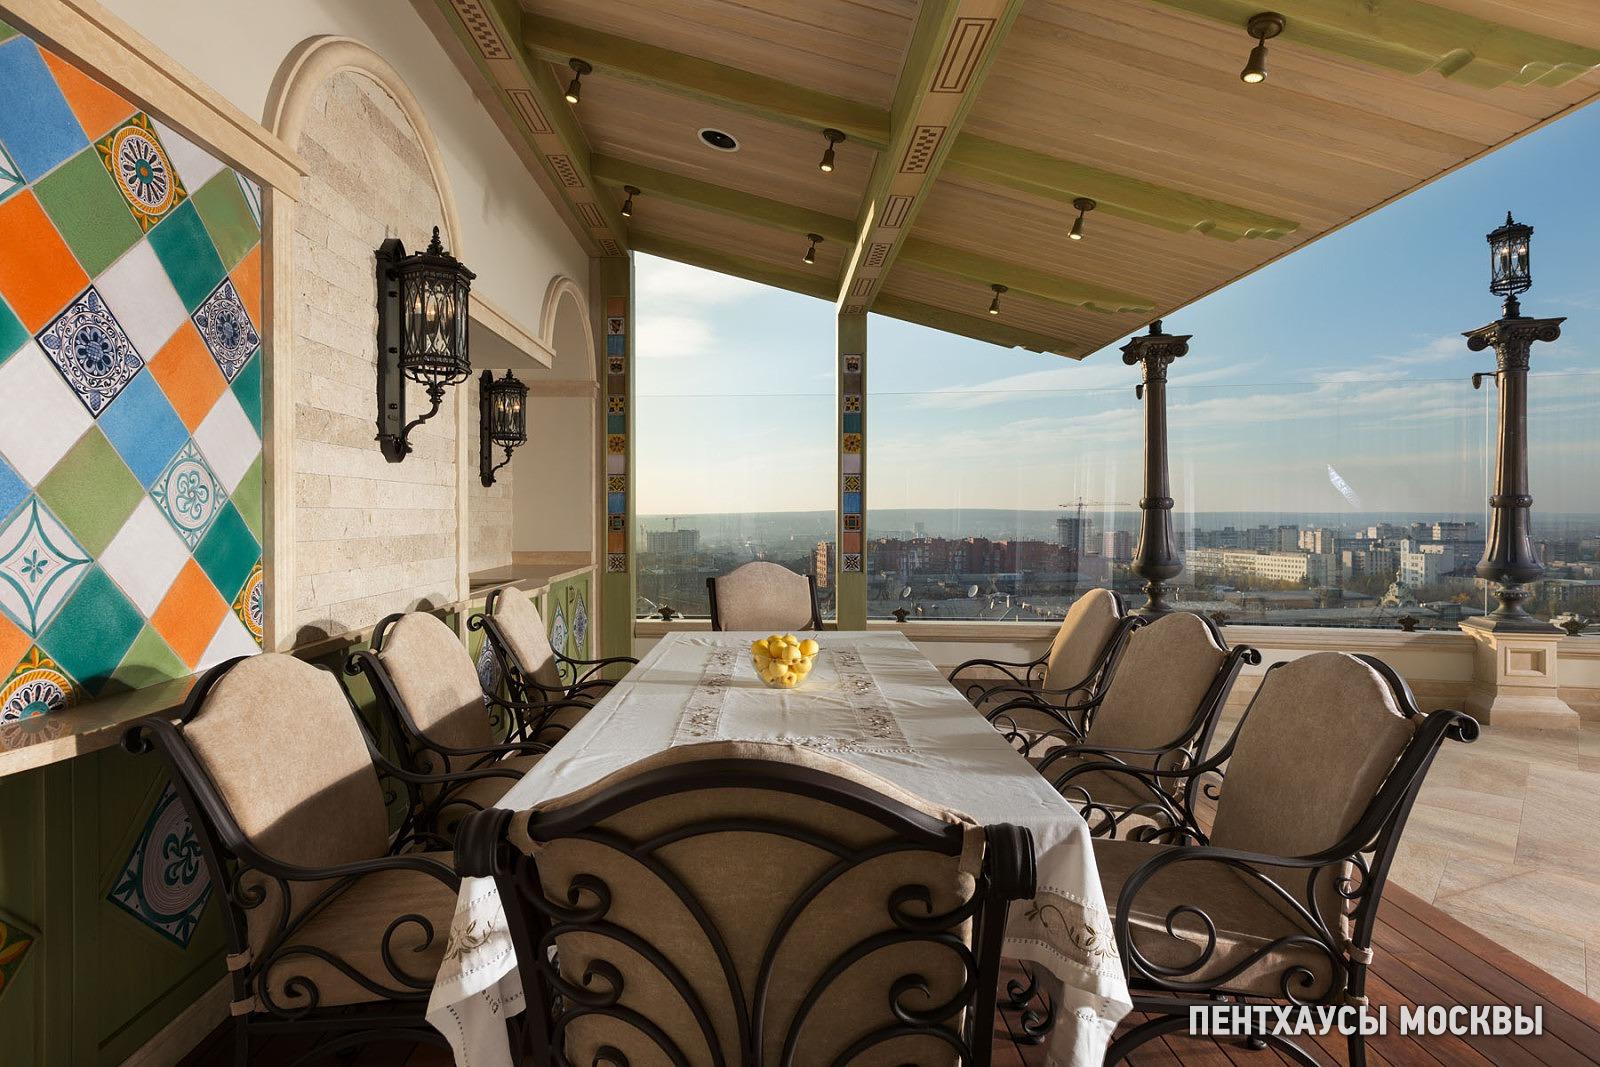 Часть террасы перекрыта навесом и решена в духе уютного итальянского патио. Здесь расположены летняя кухня и большой гостеприимный стол